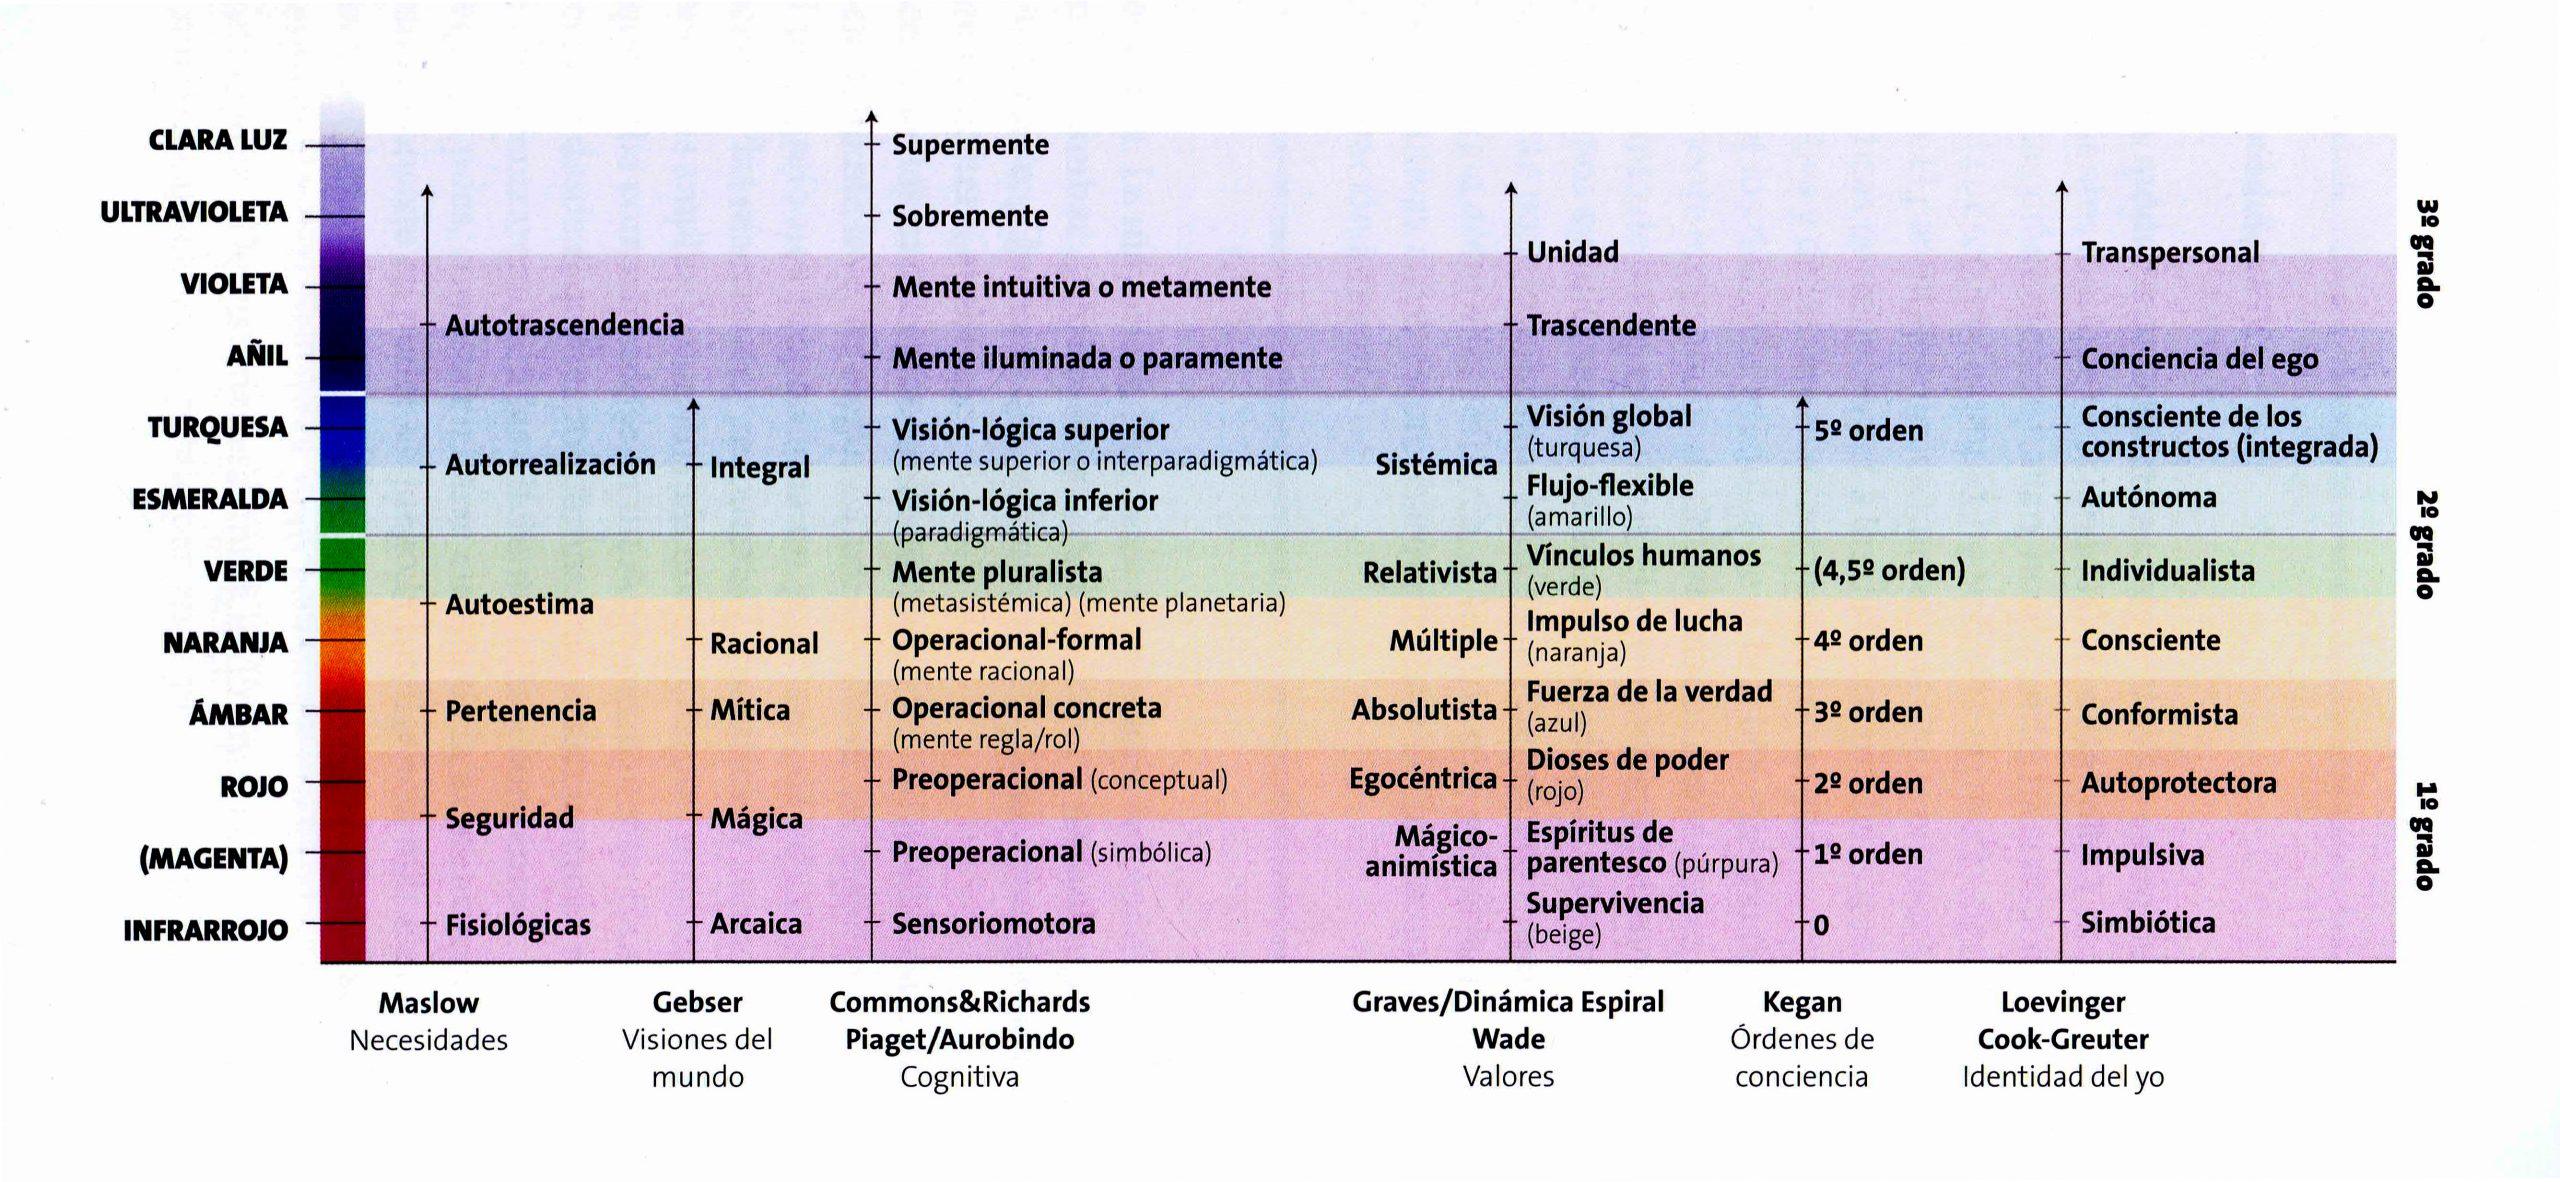 cuantica espectro de la conciencia color